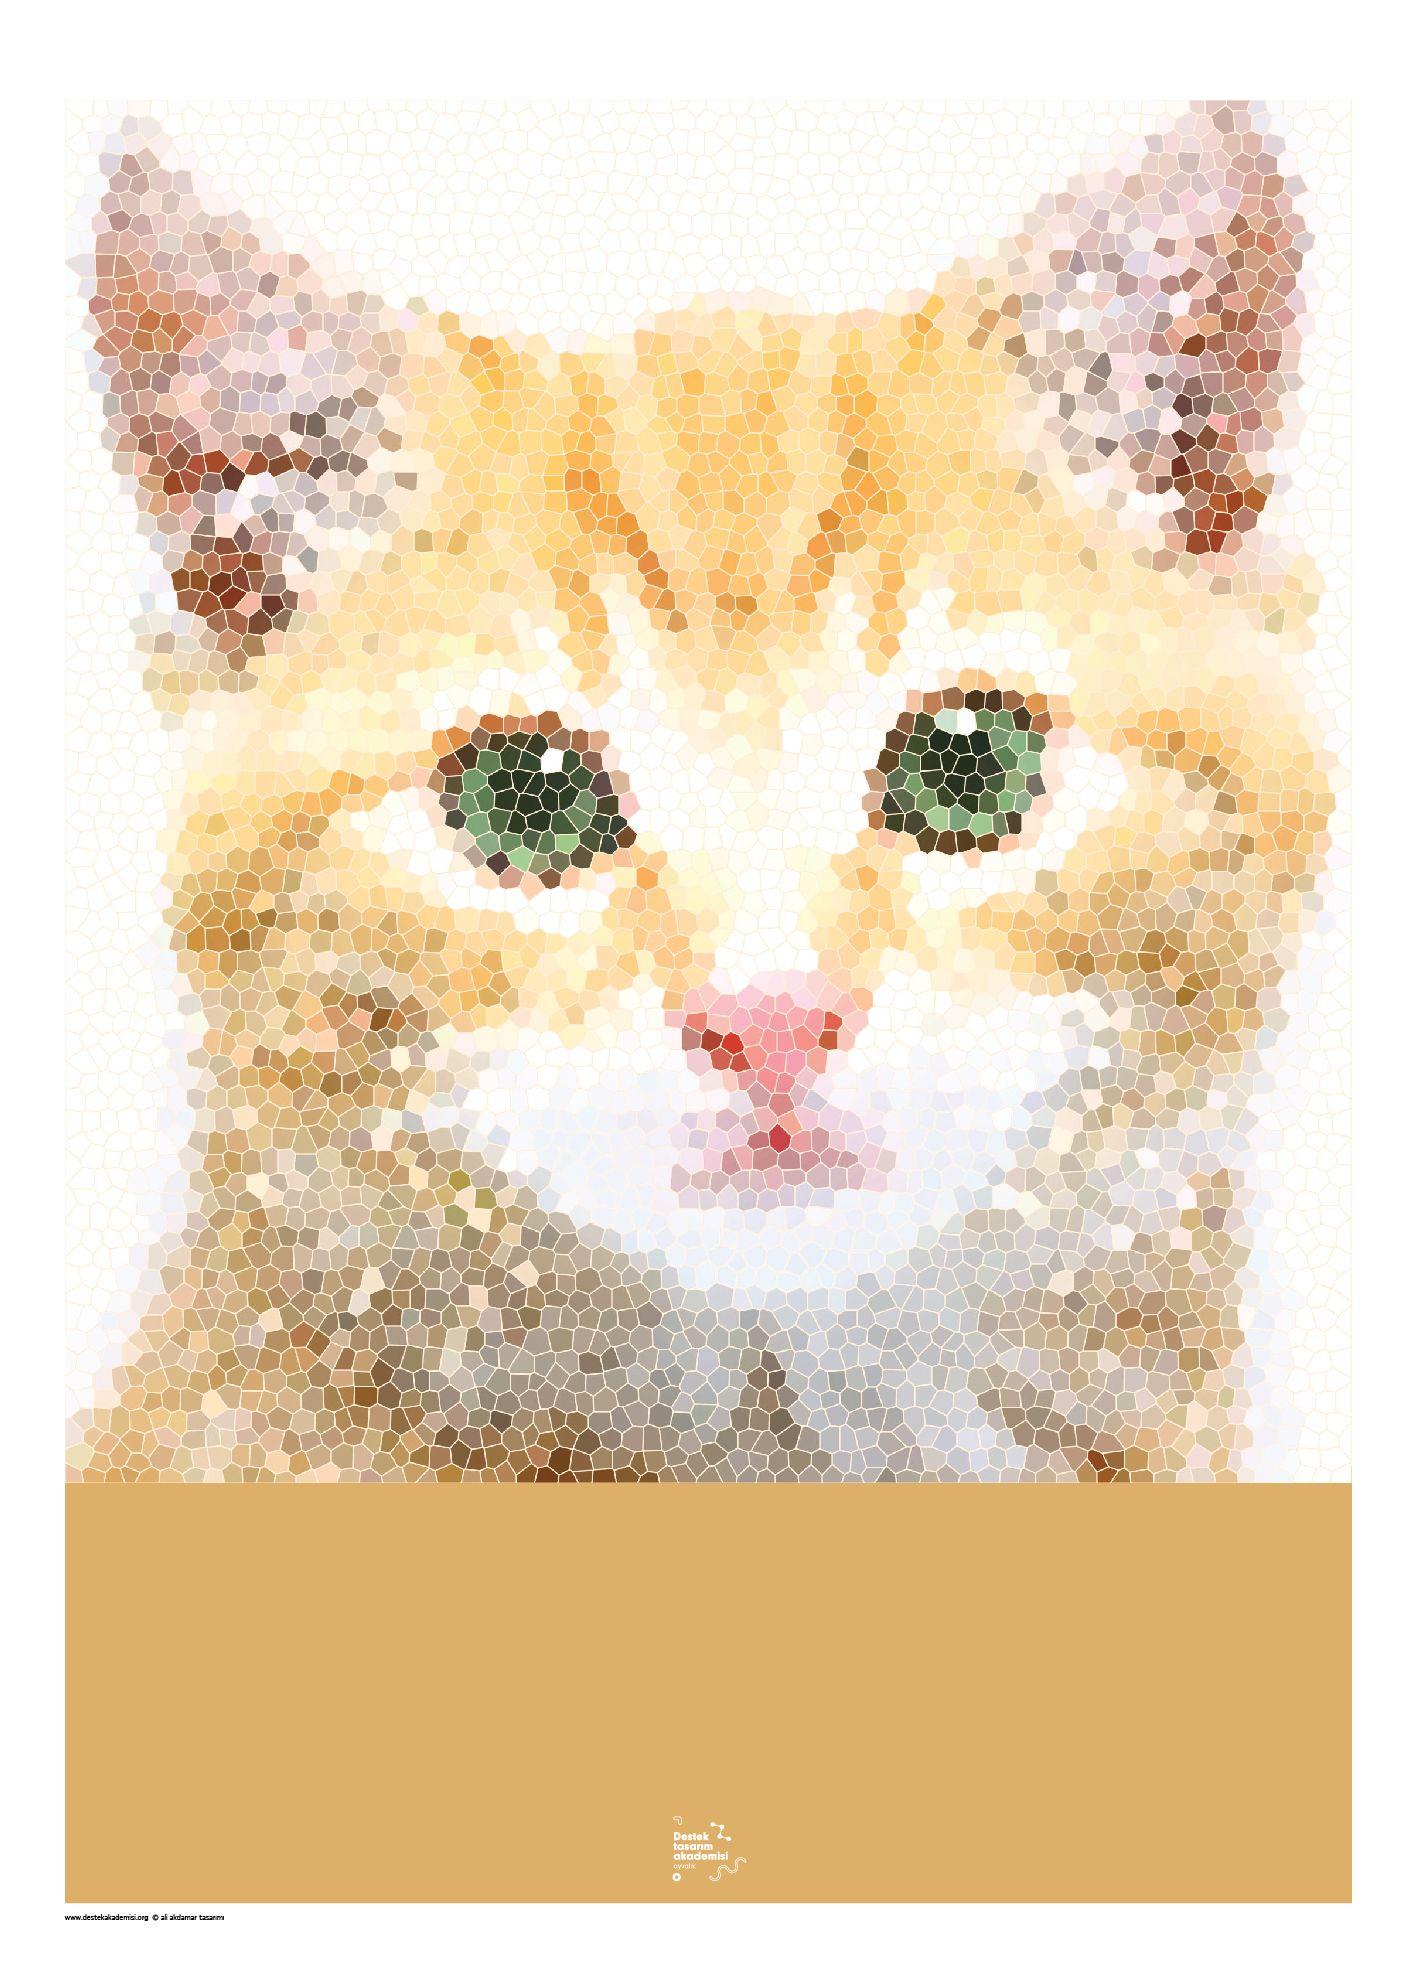 kedi1